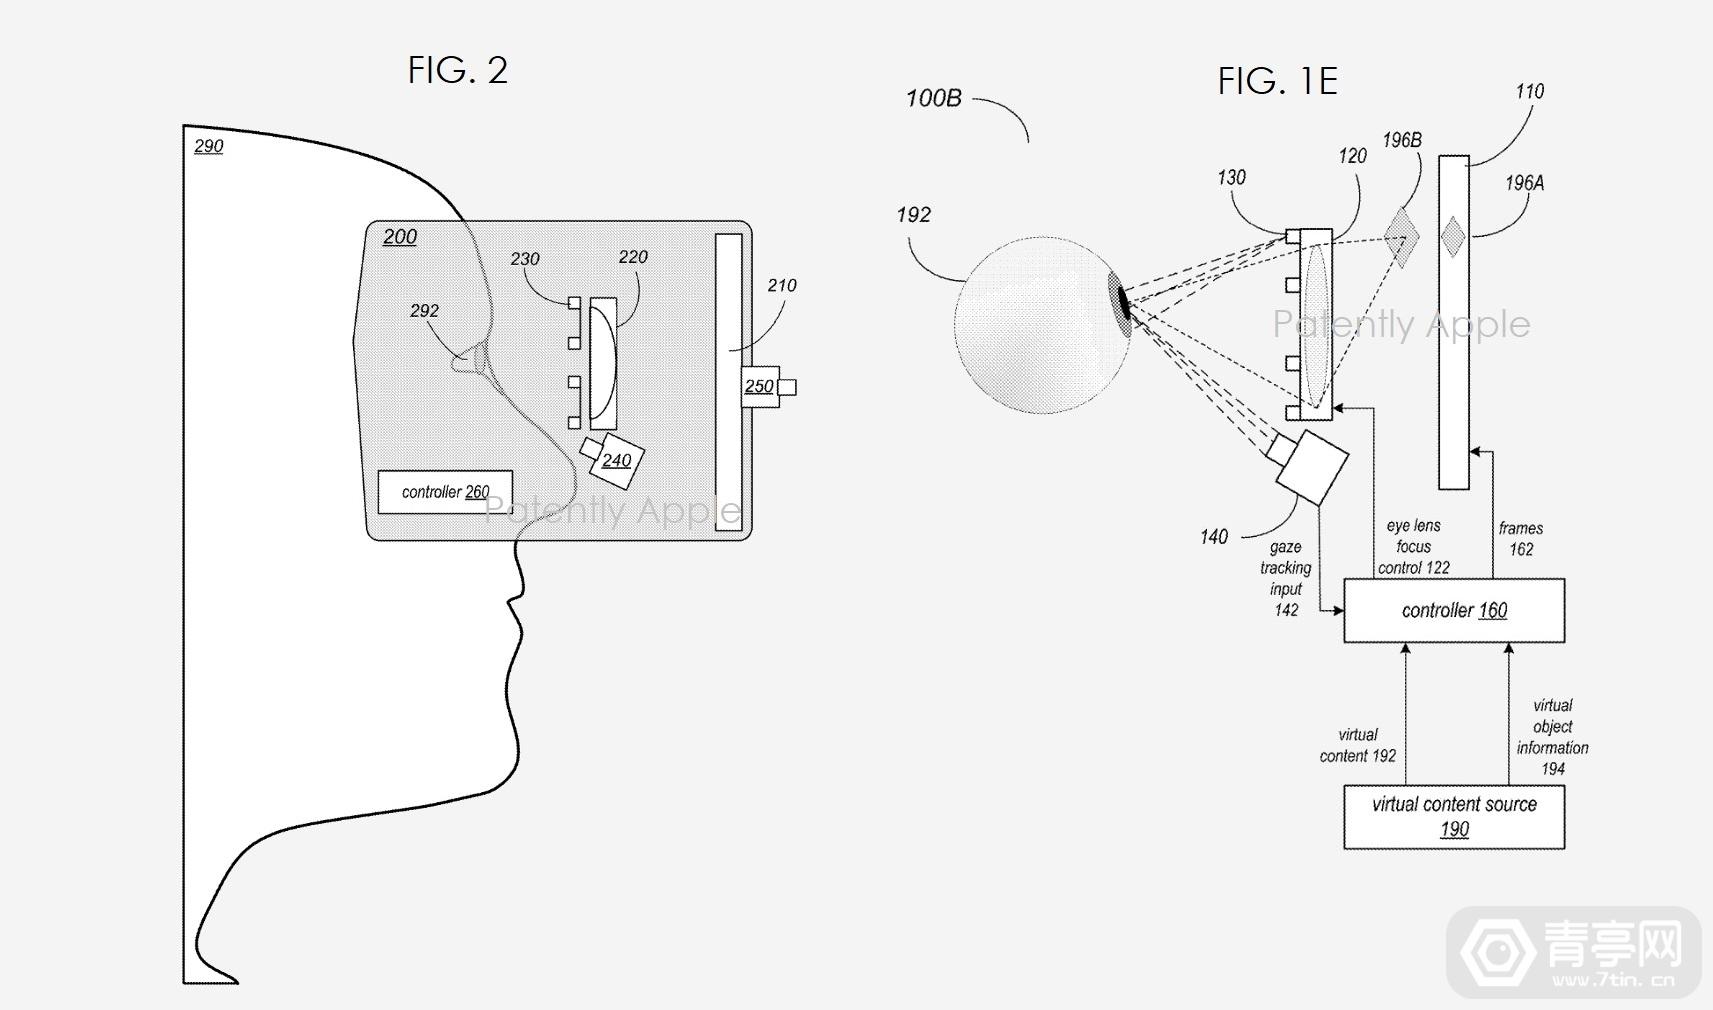 苹果3项眼球追踪专利:结合深度学习的眼动预测